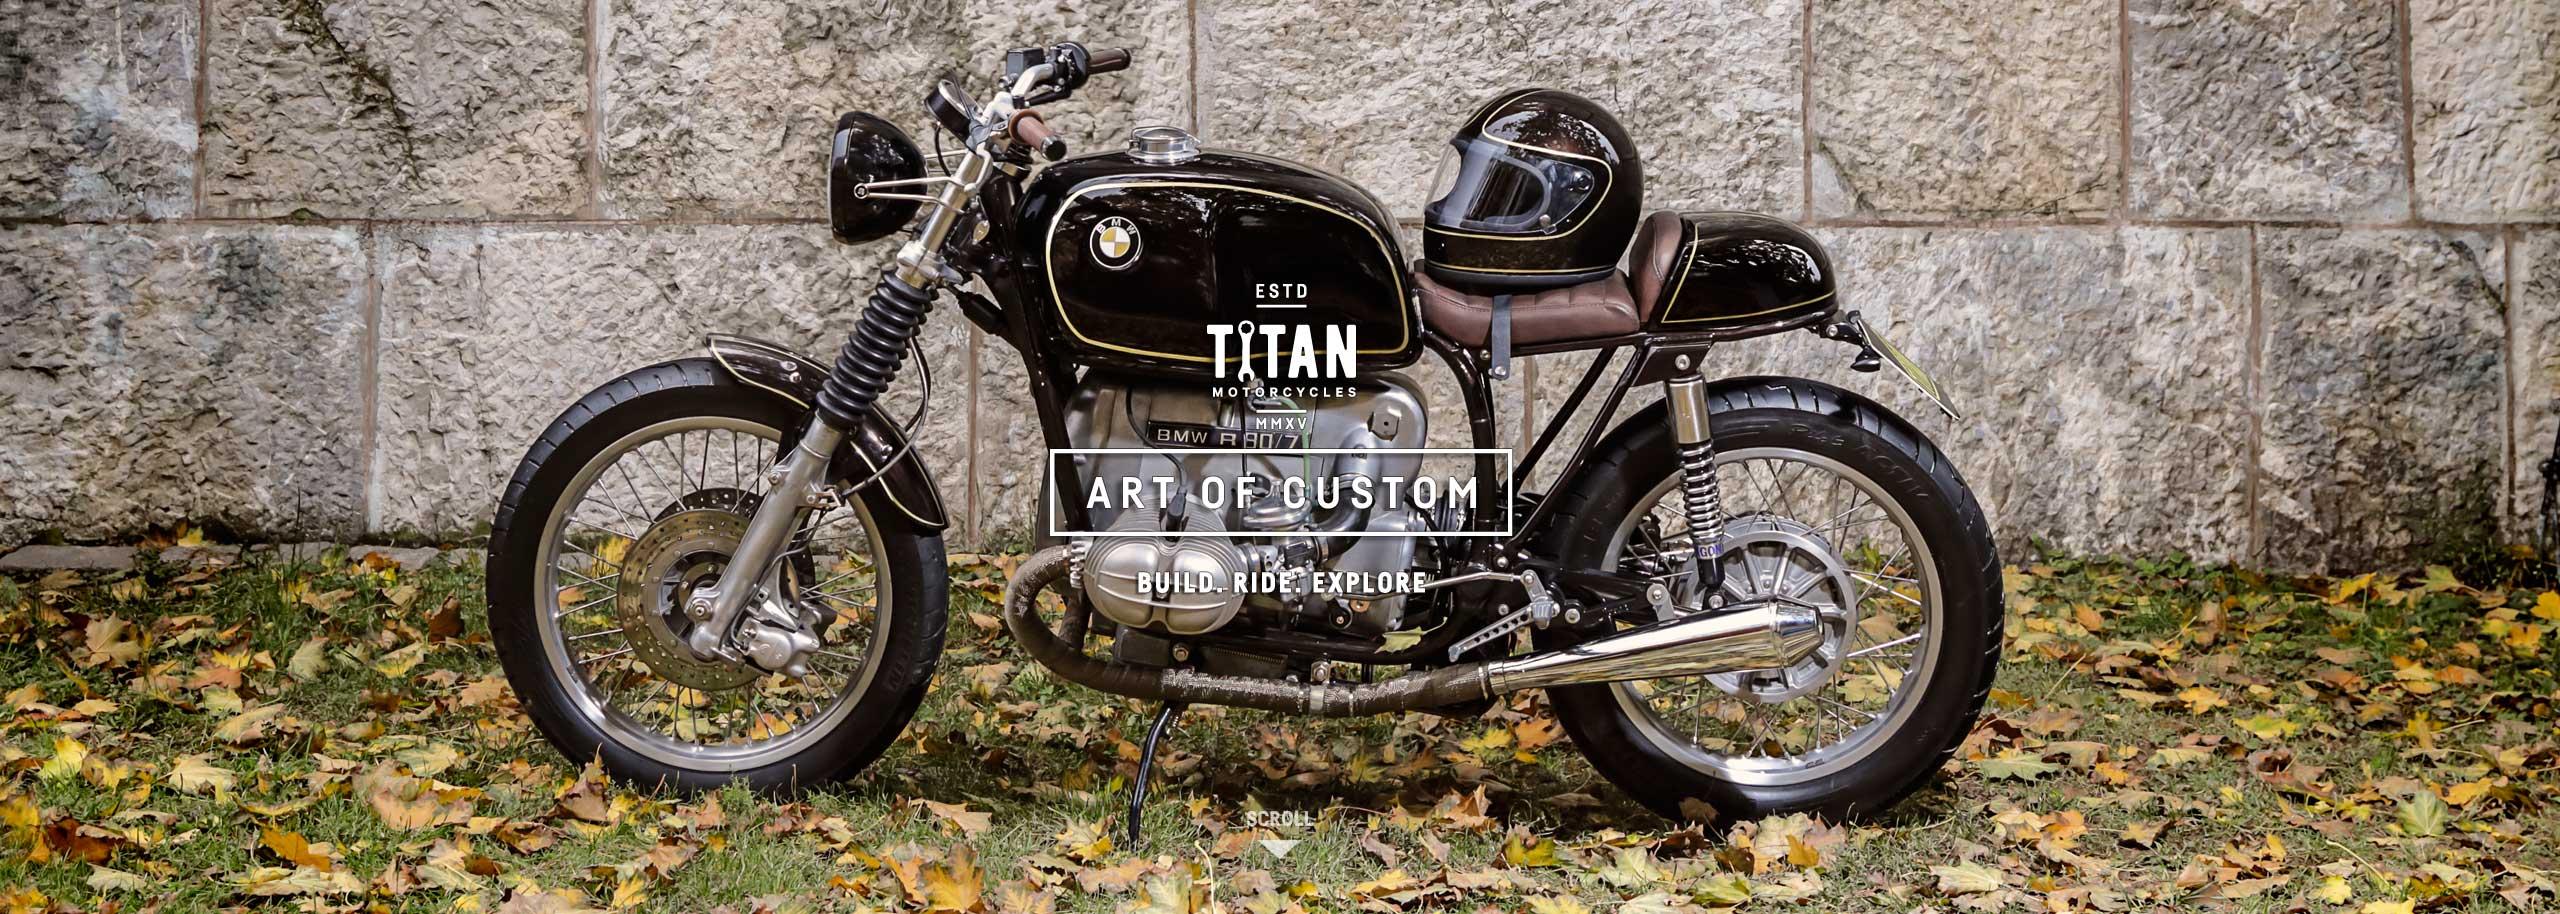 01_TITAN-Most-Classic-Cafe-Racer_BMW-R80-Motorrad-Umbaur-Graz-Austria-Vintage_Custom-Bikes_Zweirad_TUEV_Typisierte-Umbauten-Oesterreich